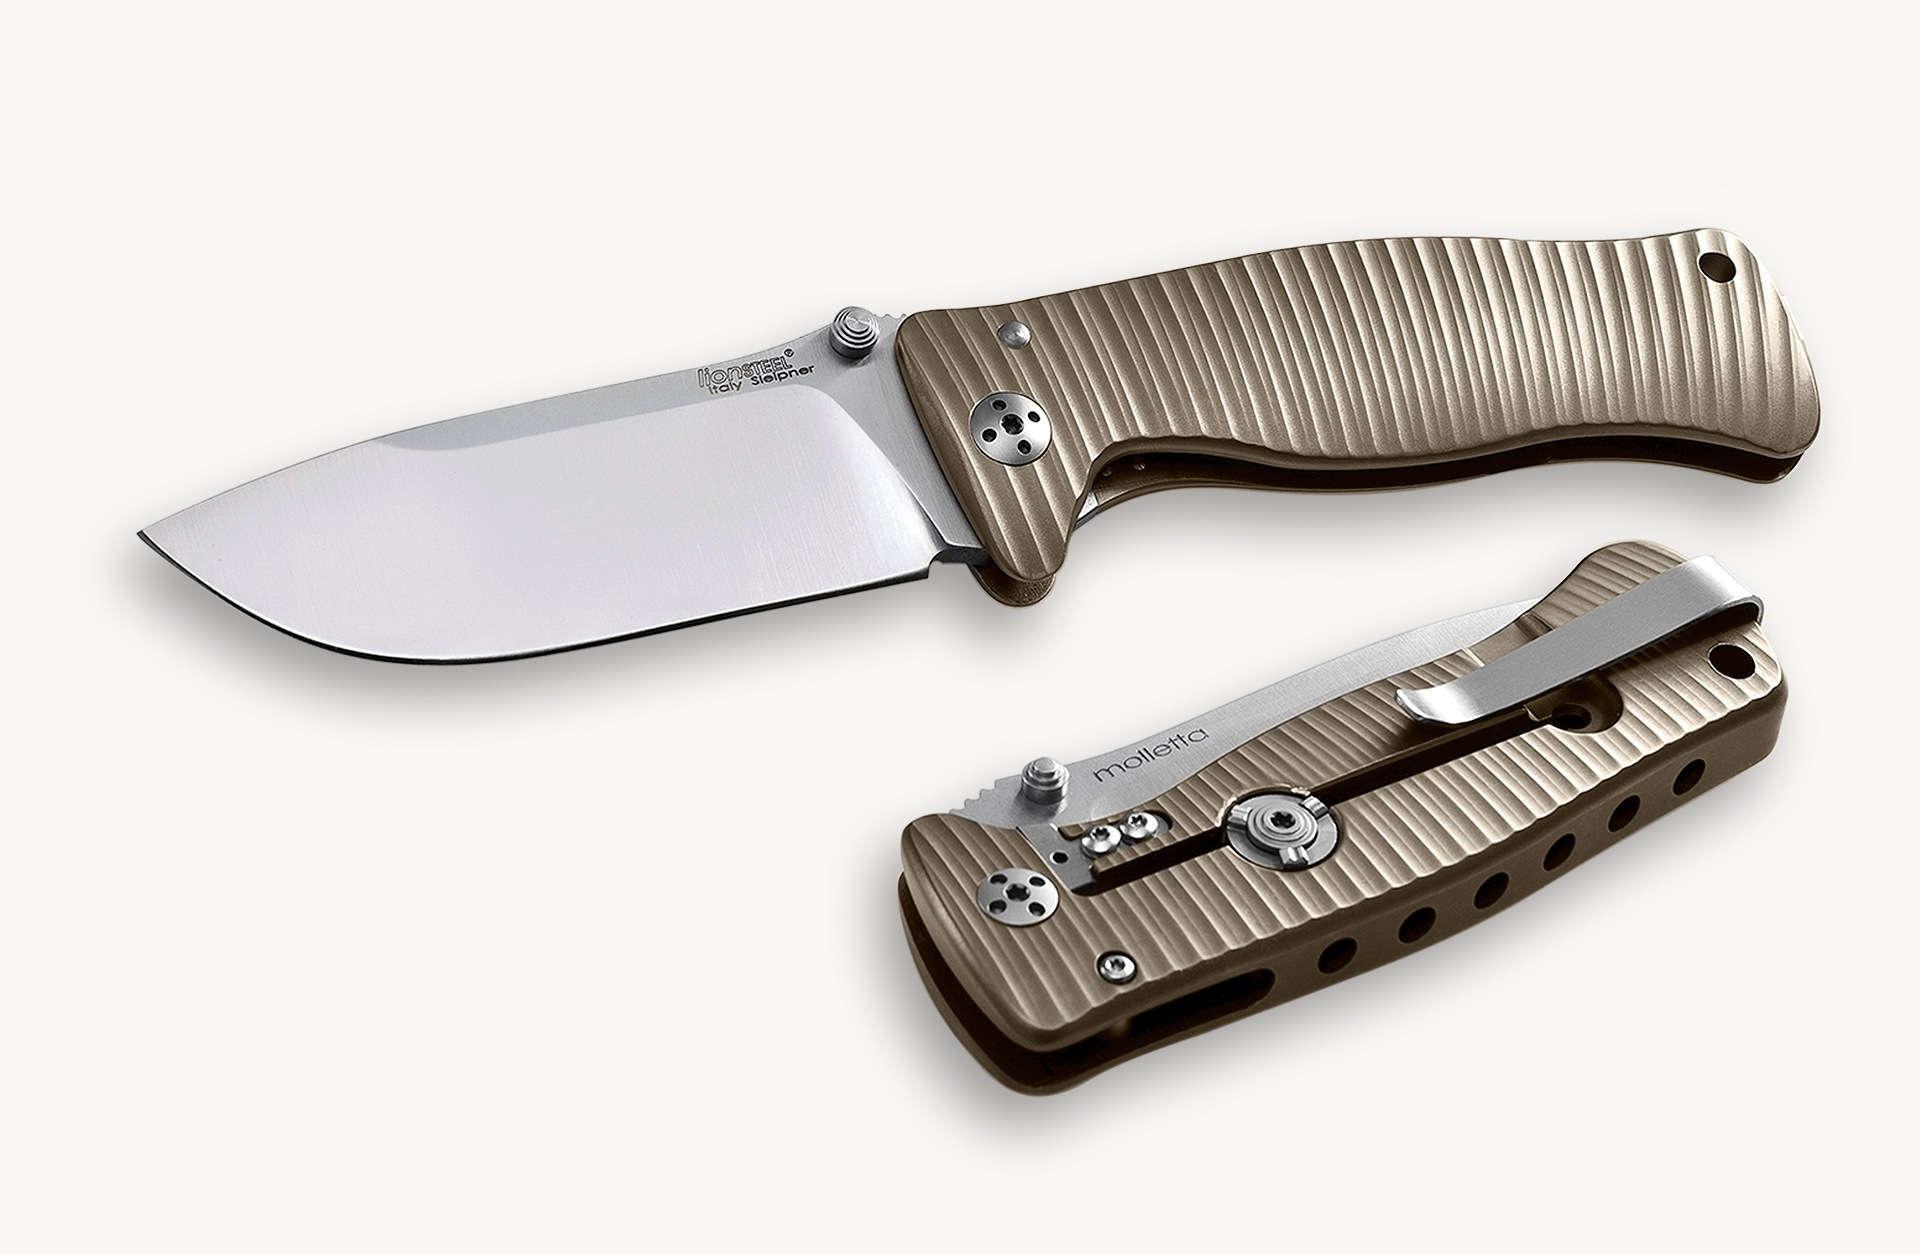 Фото 9 - Нож складной LionSteel SR1 B, сталь Uddeholm Sleipner, рукоять титан от Lion Steel